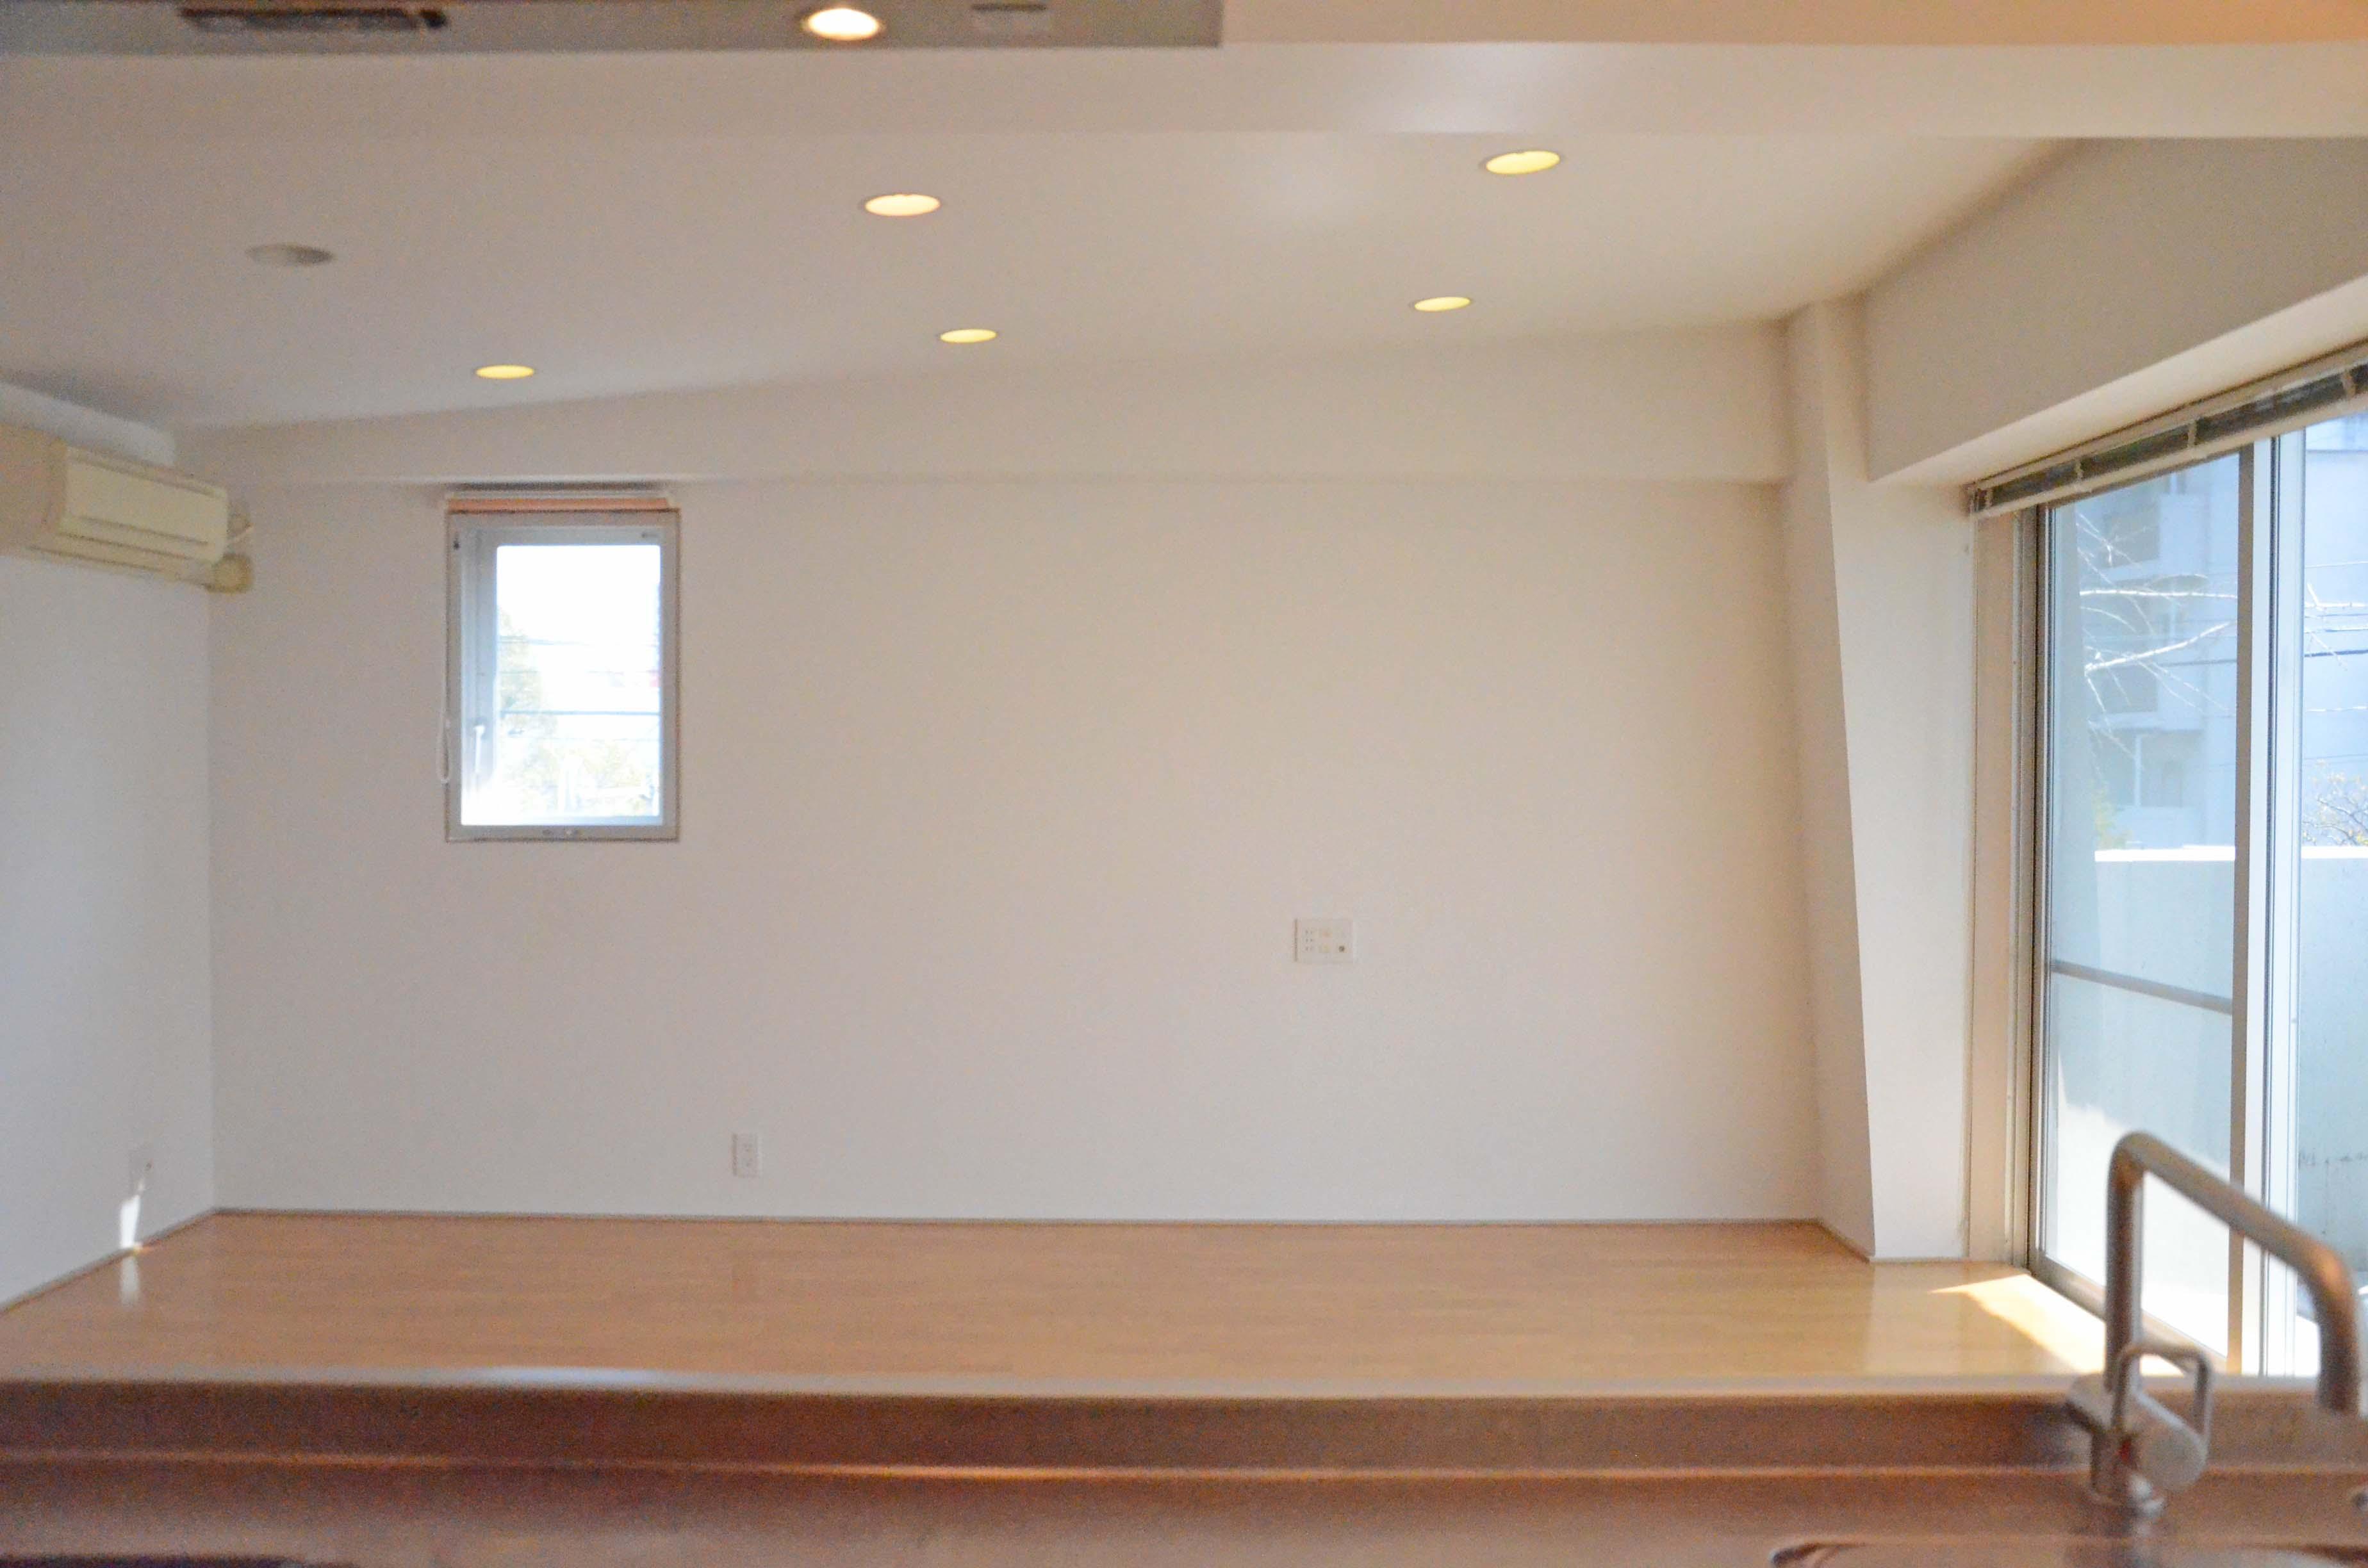 実は勾配のついた天井、ダウンライトの仕様です